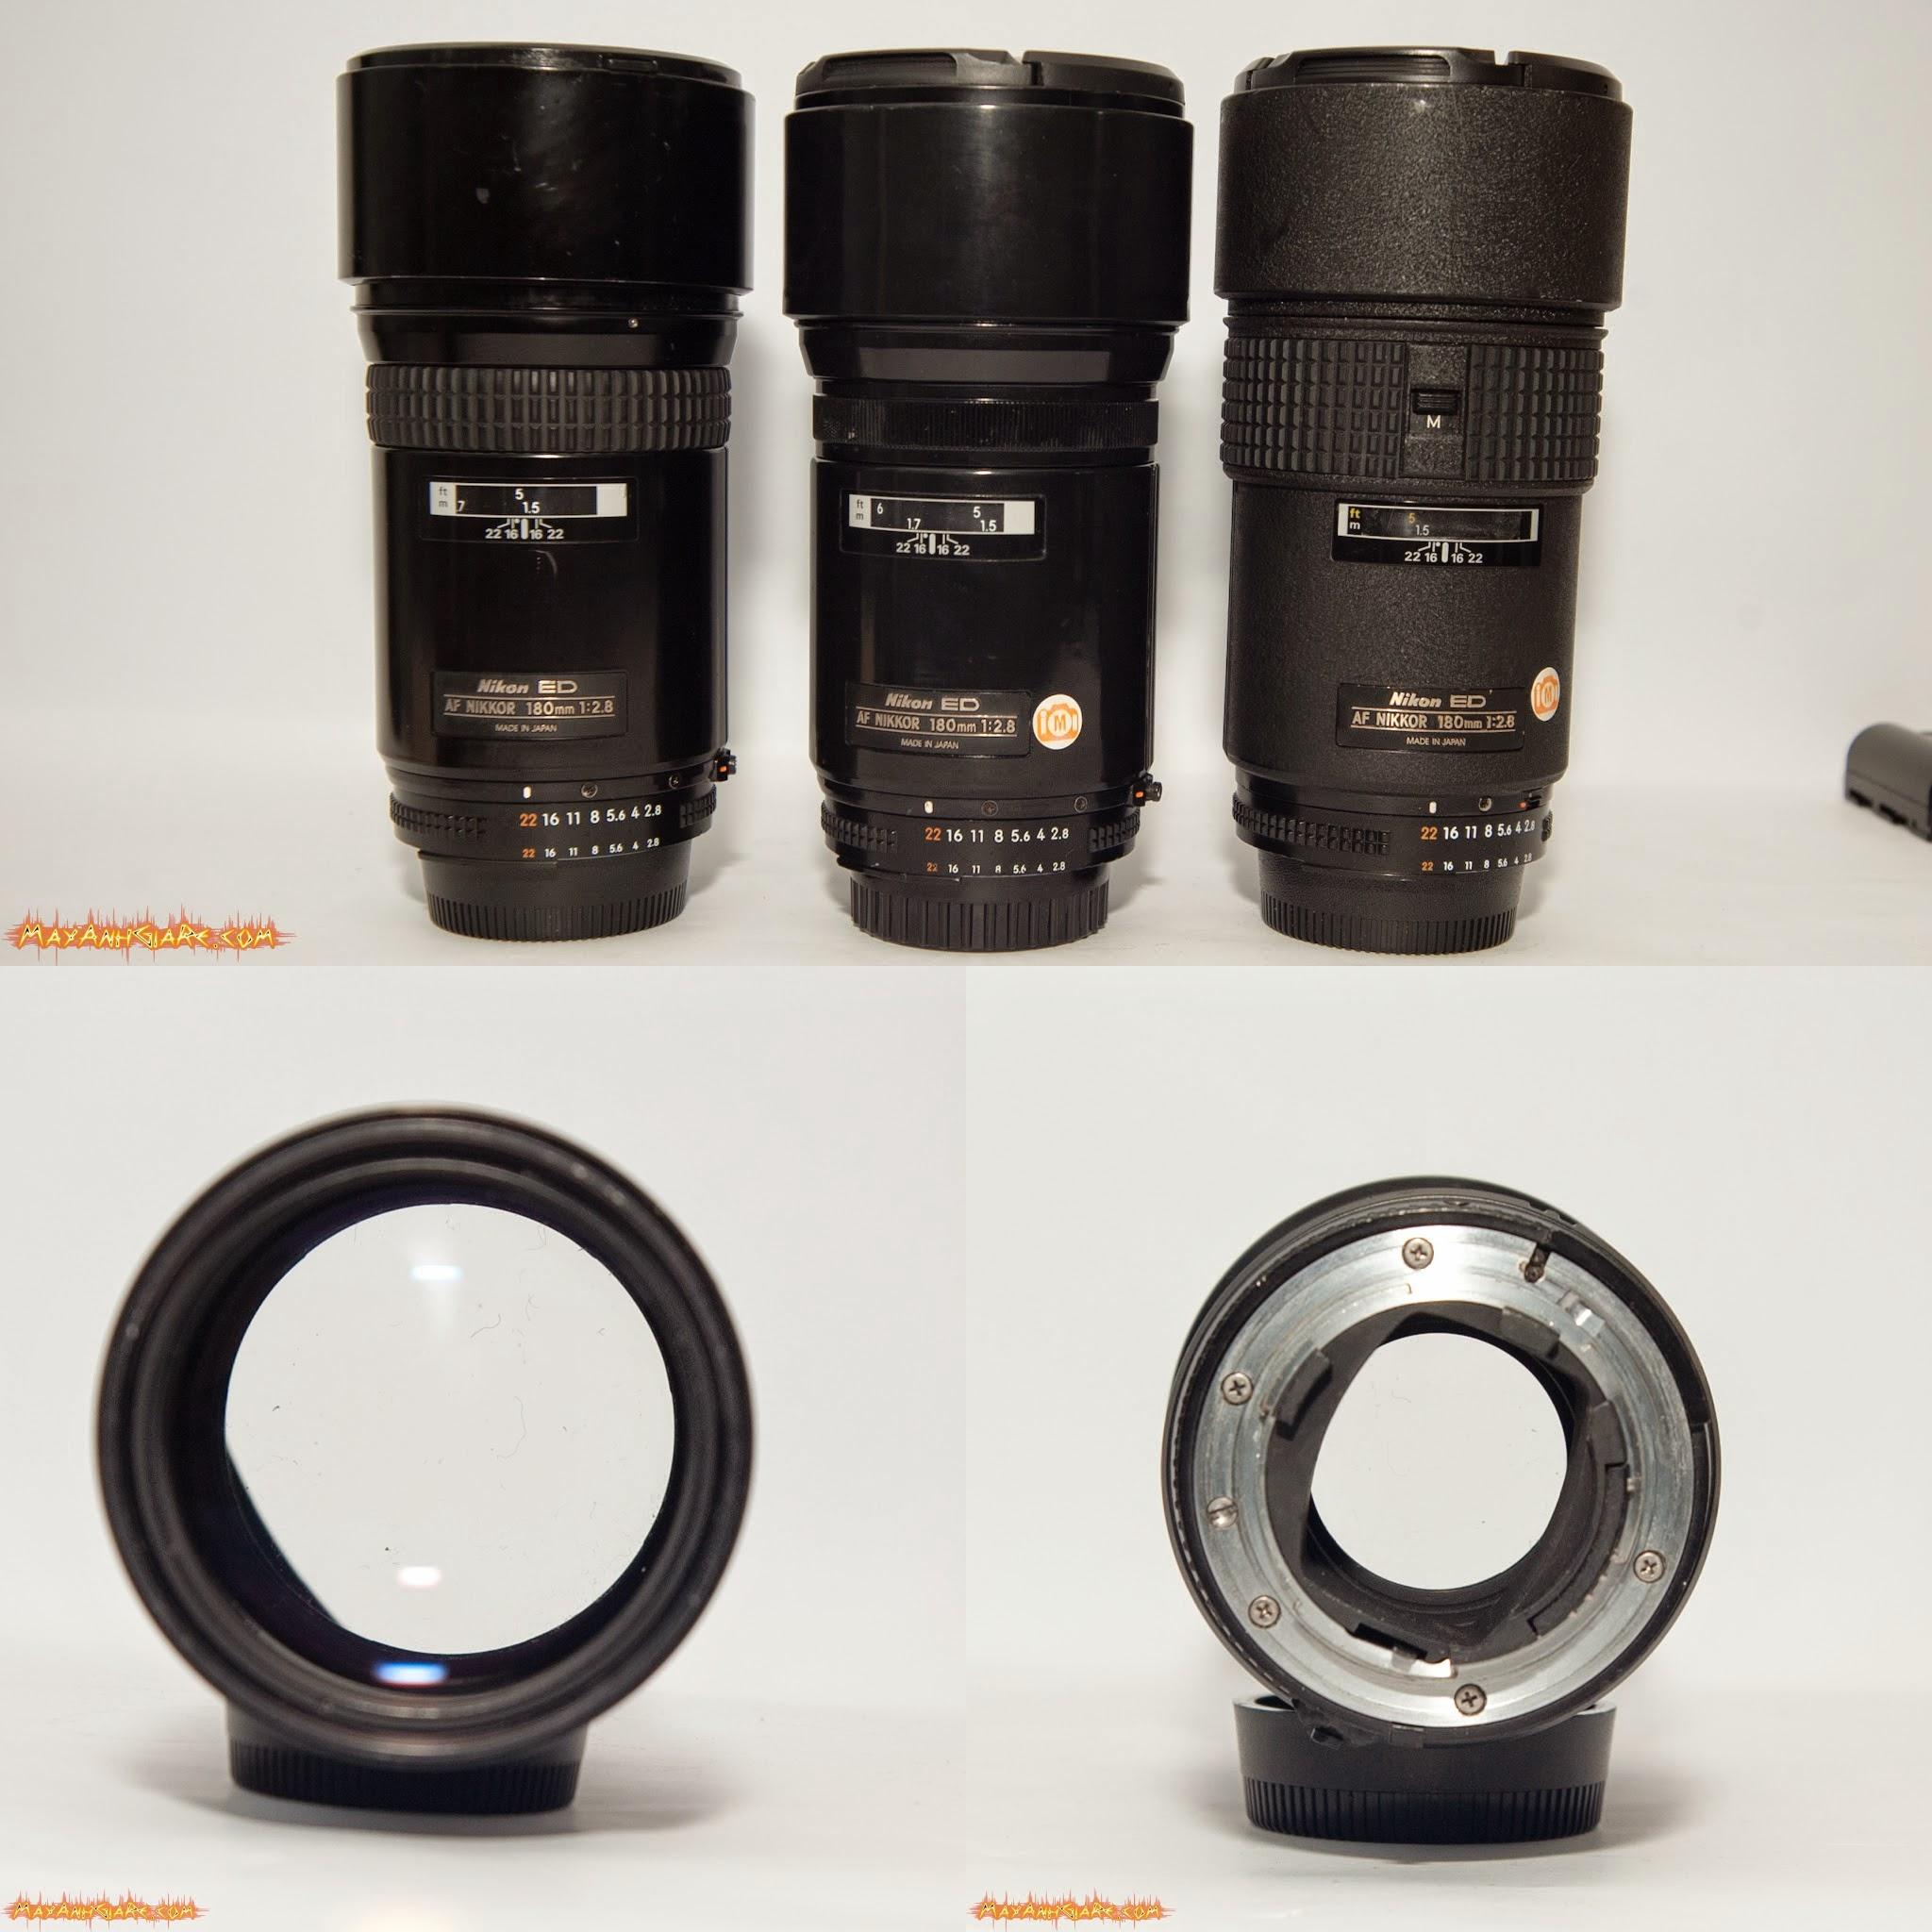 » SG/ HN /TQ - MayAnhGiaRe.com: 3 lens Nikon 180mm f/2.8D ED IF giá chỉ 5tr999 - Hàng Mỹ xách tay bảo hành 3 tháng 1 đổi 1 kèm quà tặng (Nikon 180 2.8D ED IF)